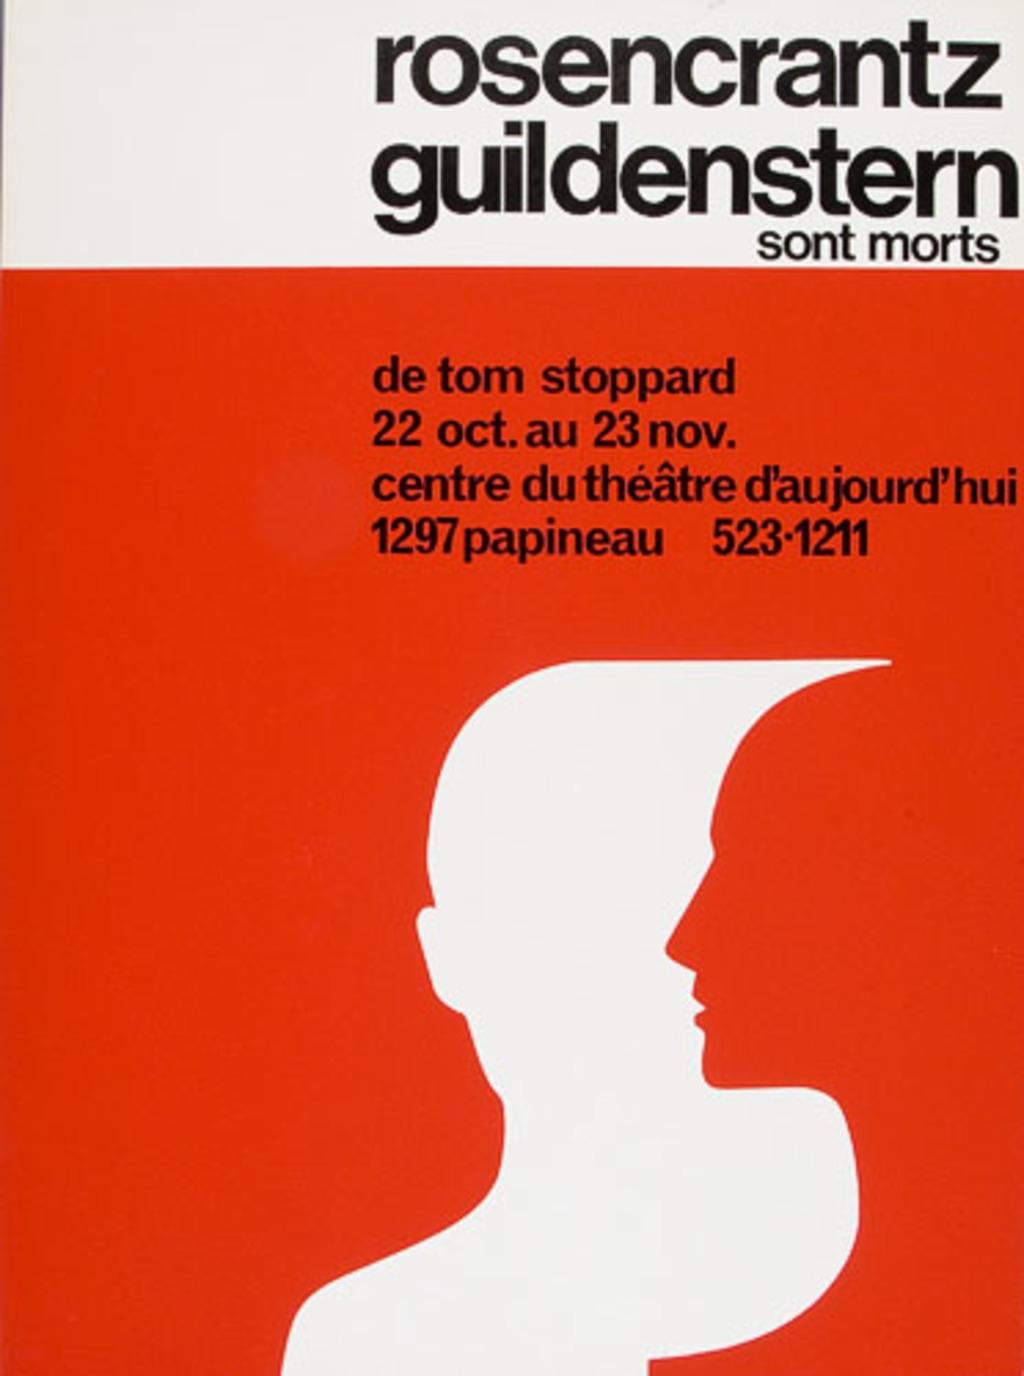 Rosencrantz Guildenstern sont morts